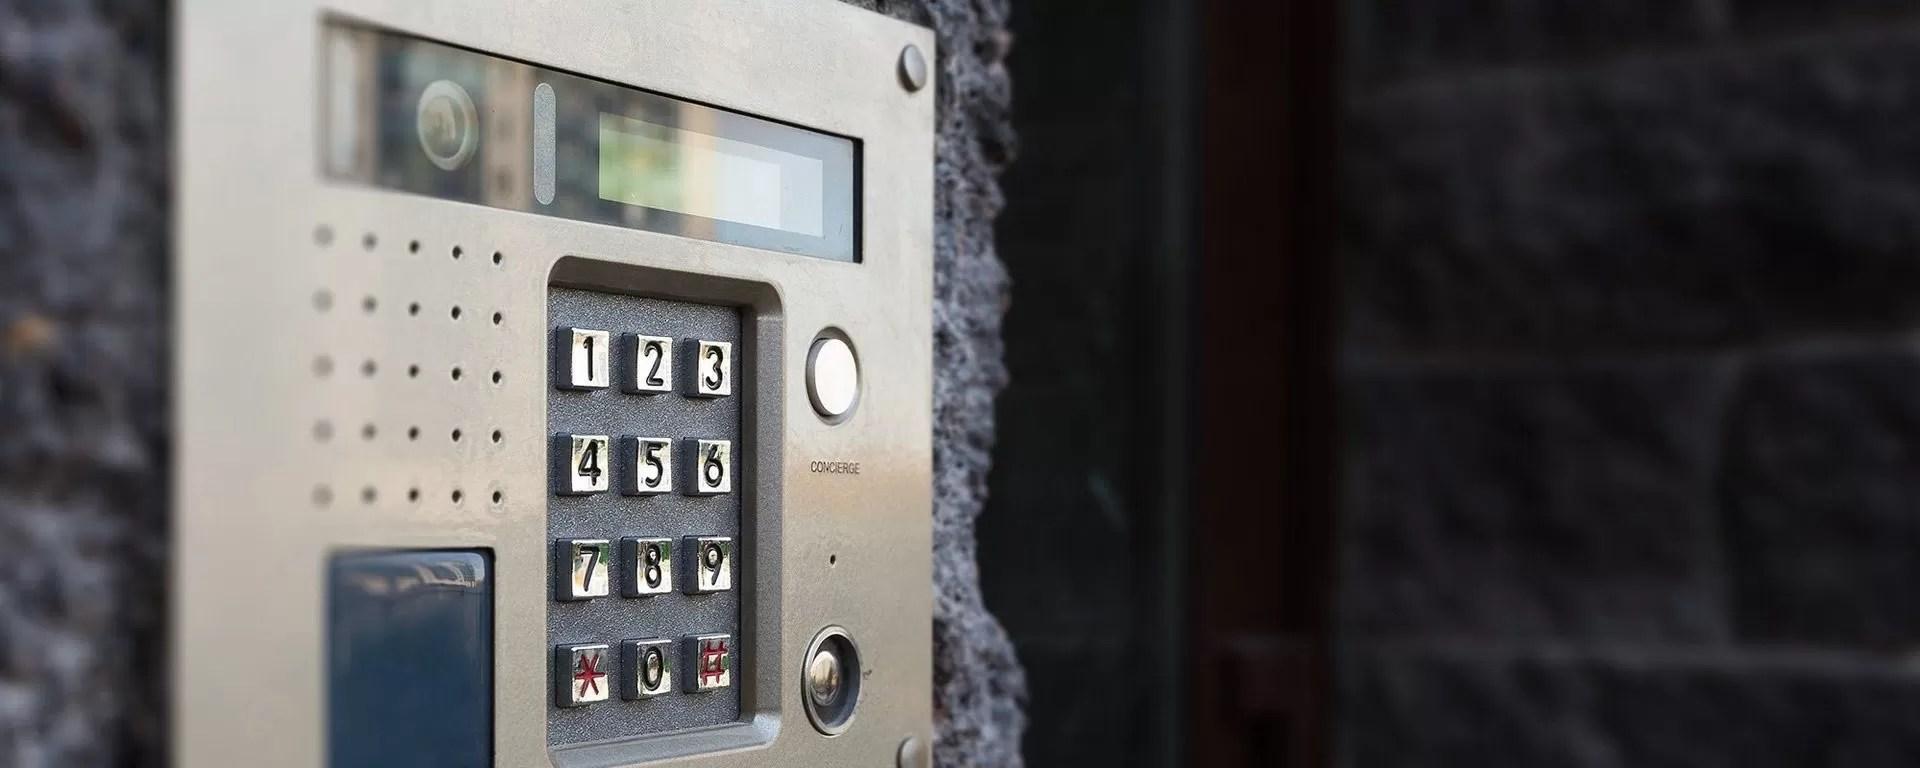 Door Security Services Christchurch Door Security Services Christchurch christchurch security services security products christchurch